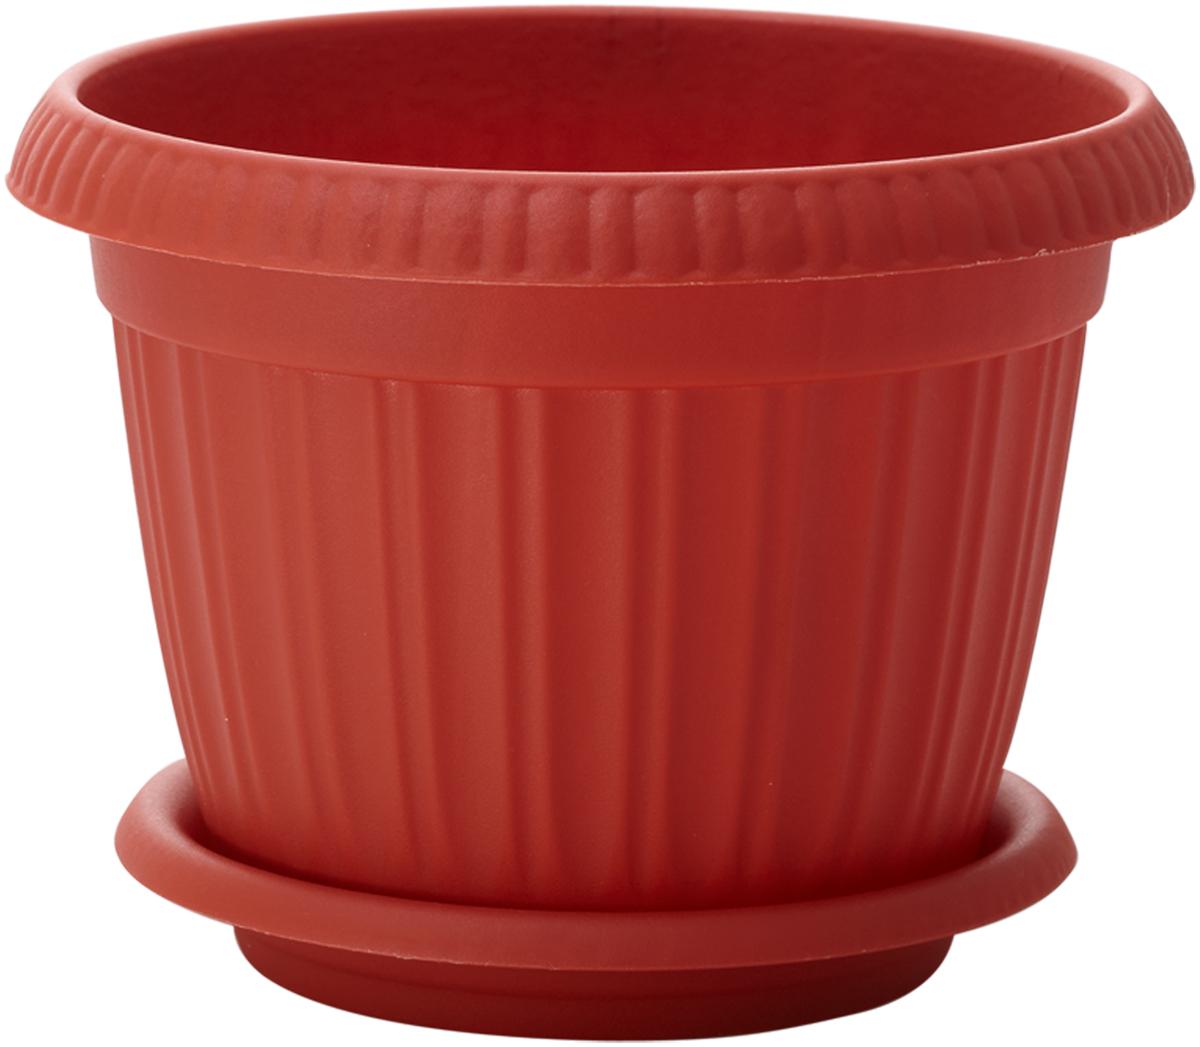 Горшок для цветов InGreen Таити, с подставкой, диаметр 20 см. ING41020FТРING41020FТРГоршок InGreen Таити выполнен из высококачественного полипропилена (пластика) и предназначен для выращивания цветов, растений и трав. Снабжен подставкой для стока воды. Такой горшок порадует вас функциональностью, а благодаря лаконичному дизайну впишется в любой интерьер помещения. Диаметр горшка (по верхнему краю): 20 см. Высота горшка: 15,5 см. Диаметр подставки: 16 см.